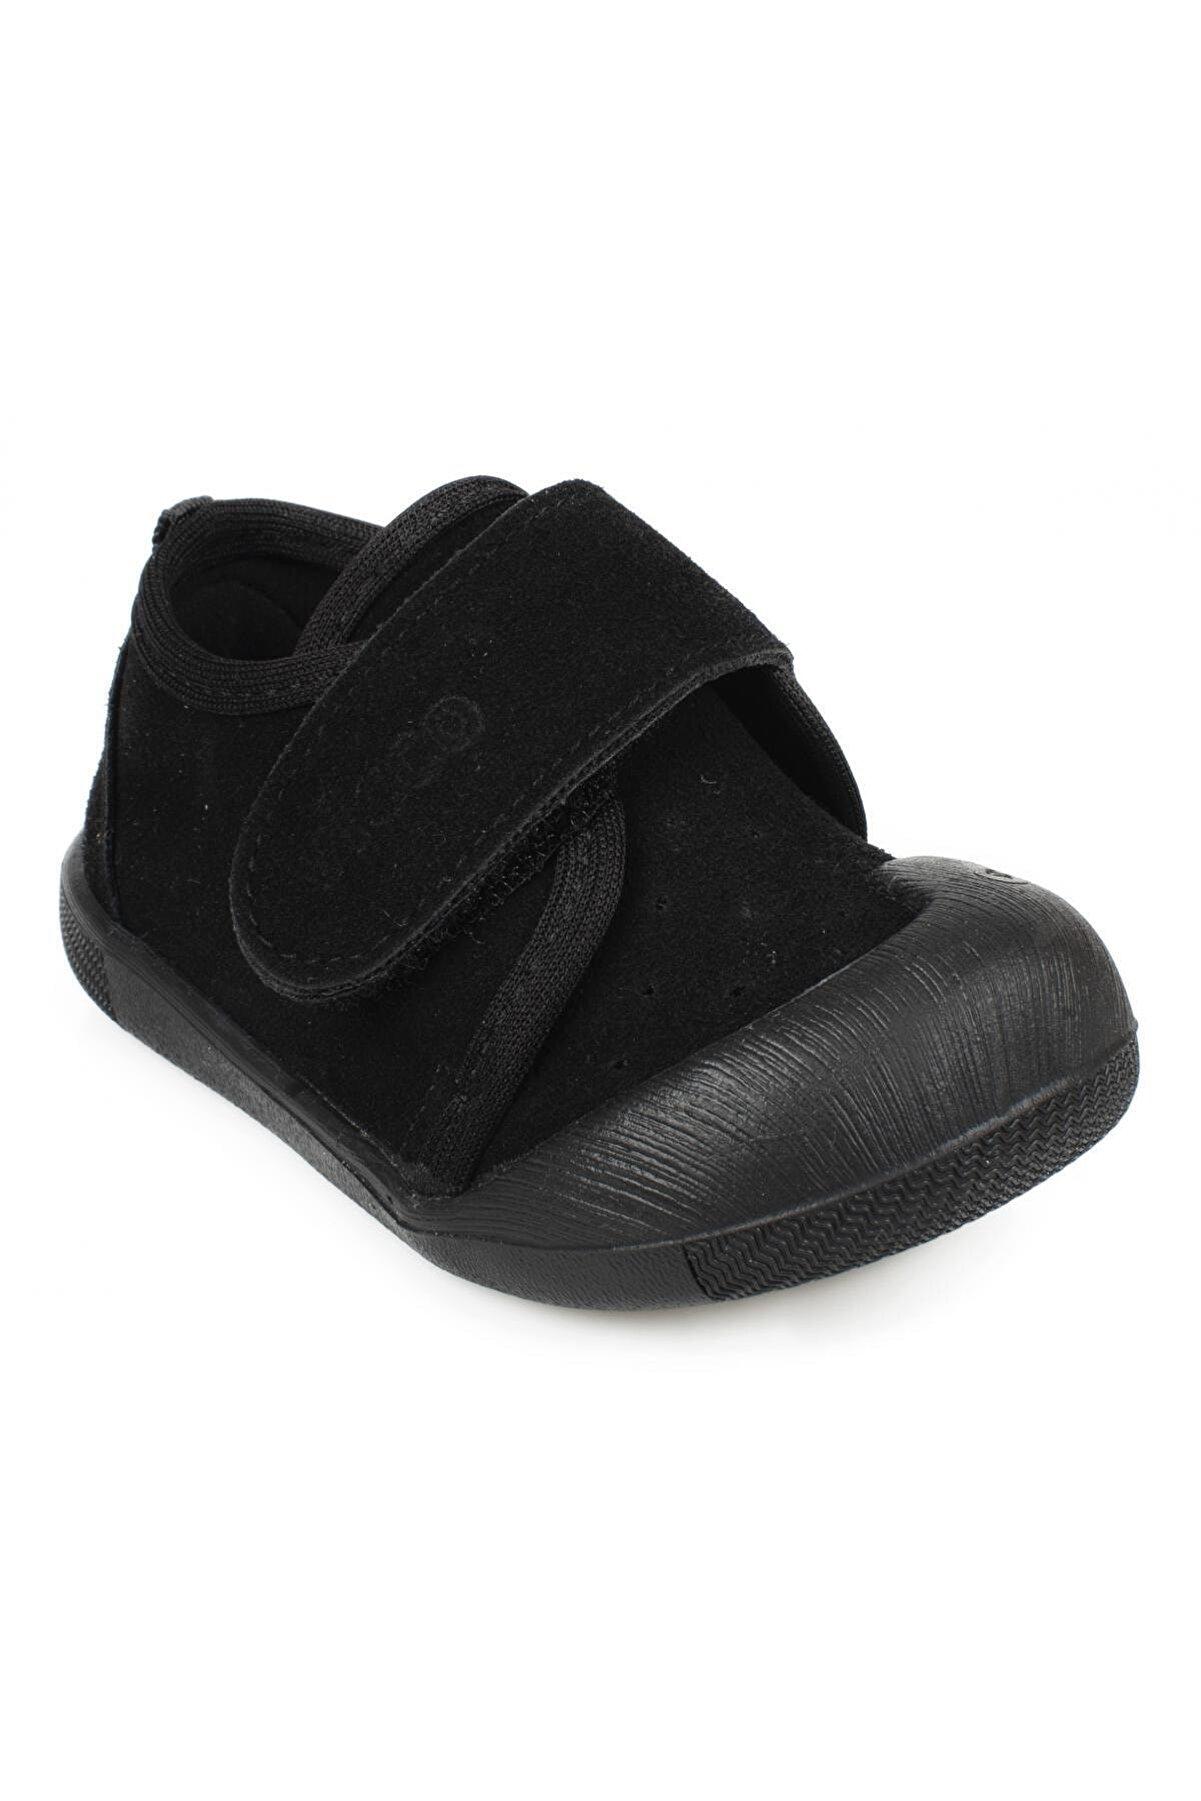 Vicco Anka Ilk Adım Bebek Ayakkabısı 950.e19k.224